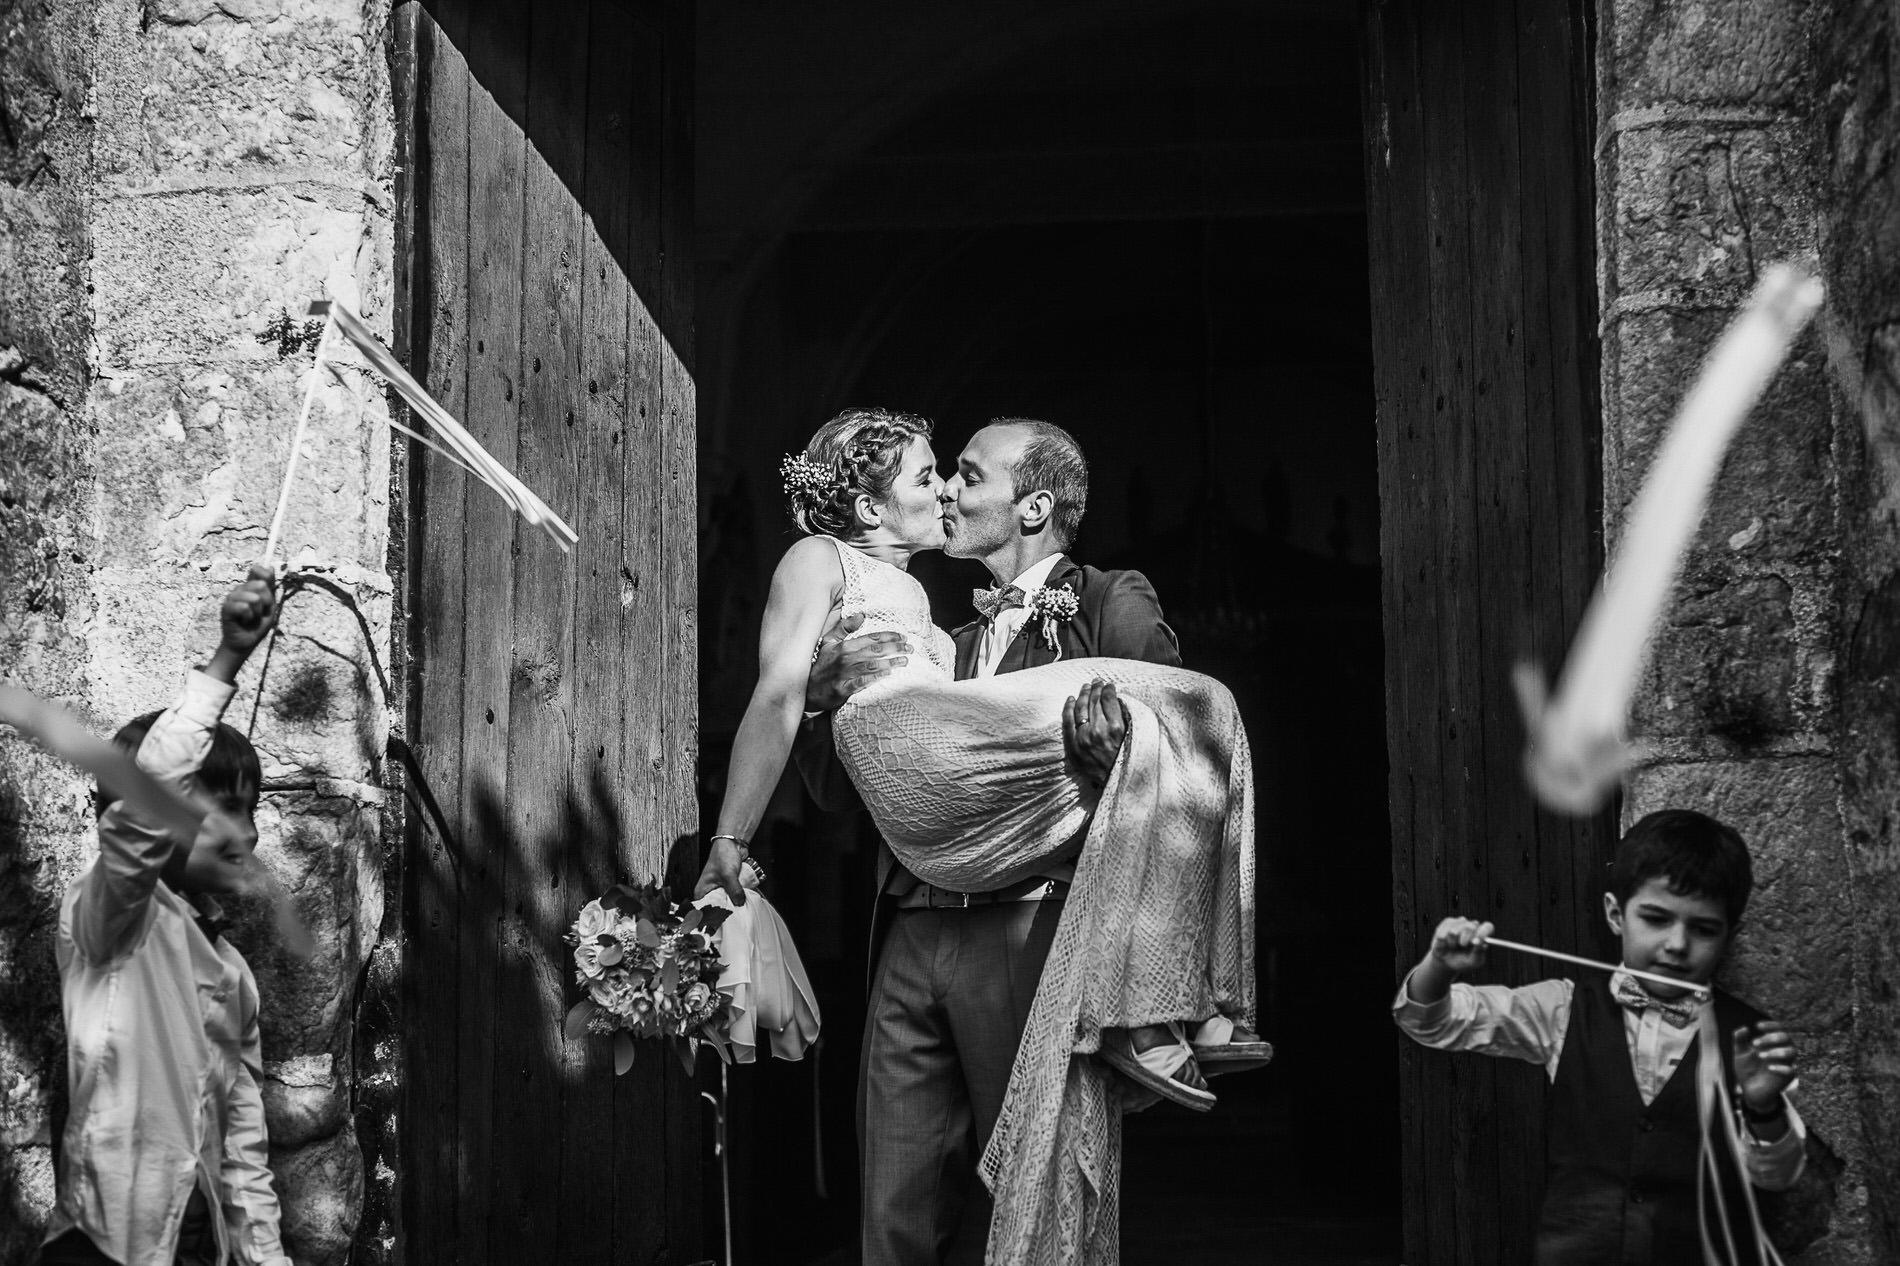 cérémonie religieuse mariage ile de france - séance photo mariage seine et marne - eglise mariage seine et marne - photo de couple mariés - just married - photographe fontainebleau - lucie atlan photographe